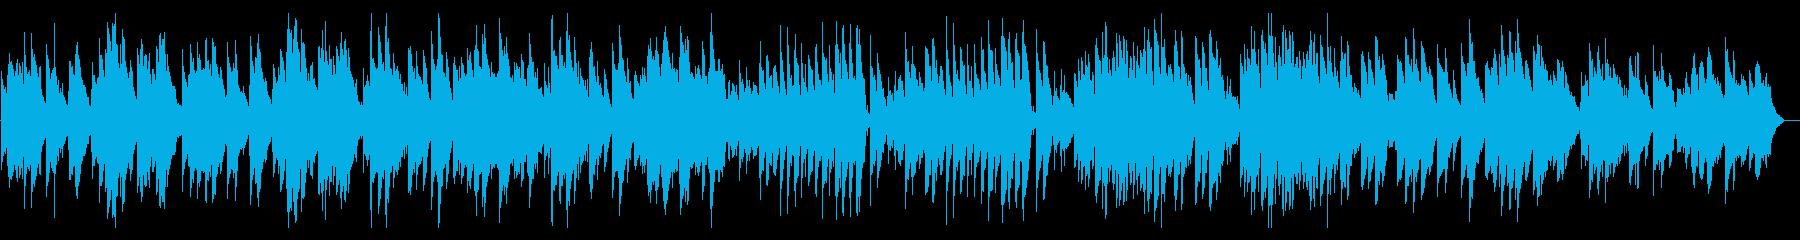 かわいくて優しい優雅なクラシックの再生済みの波形